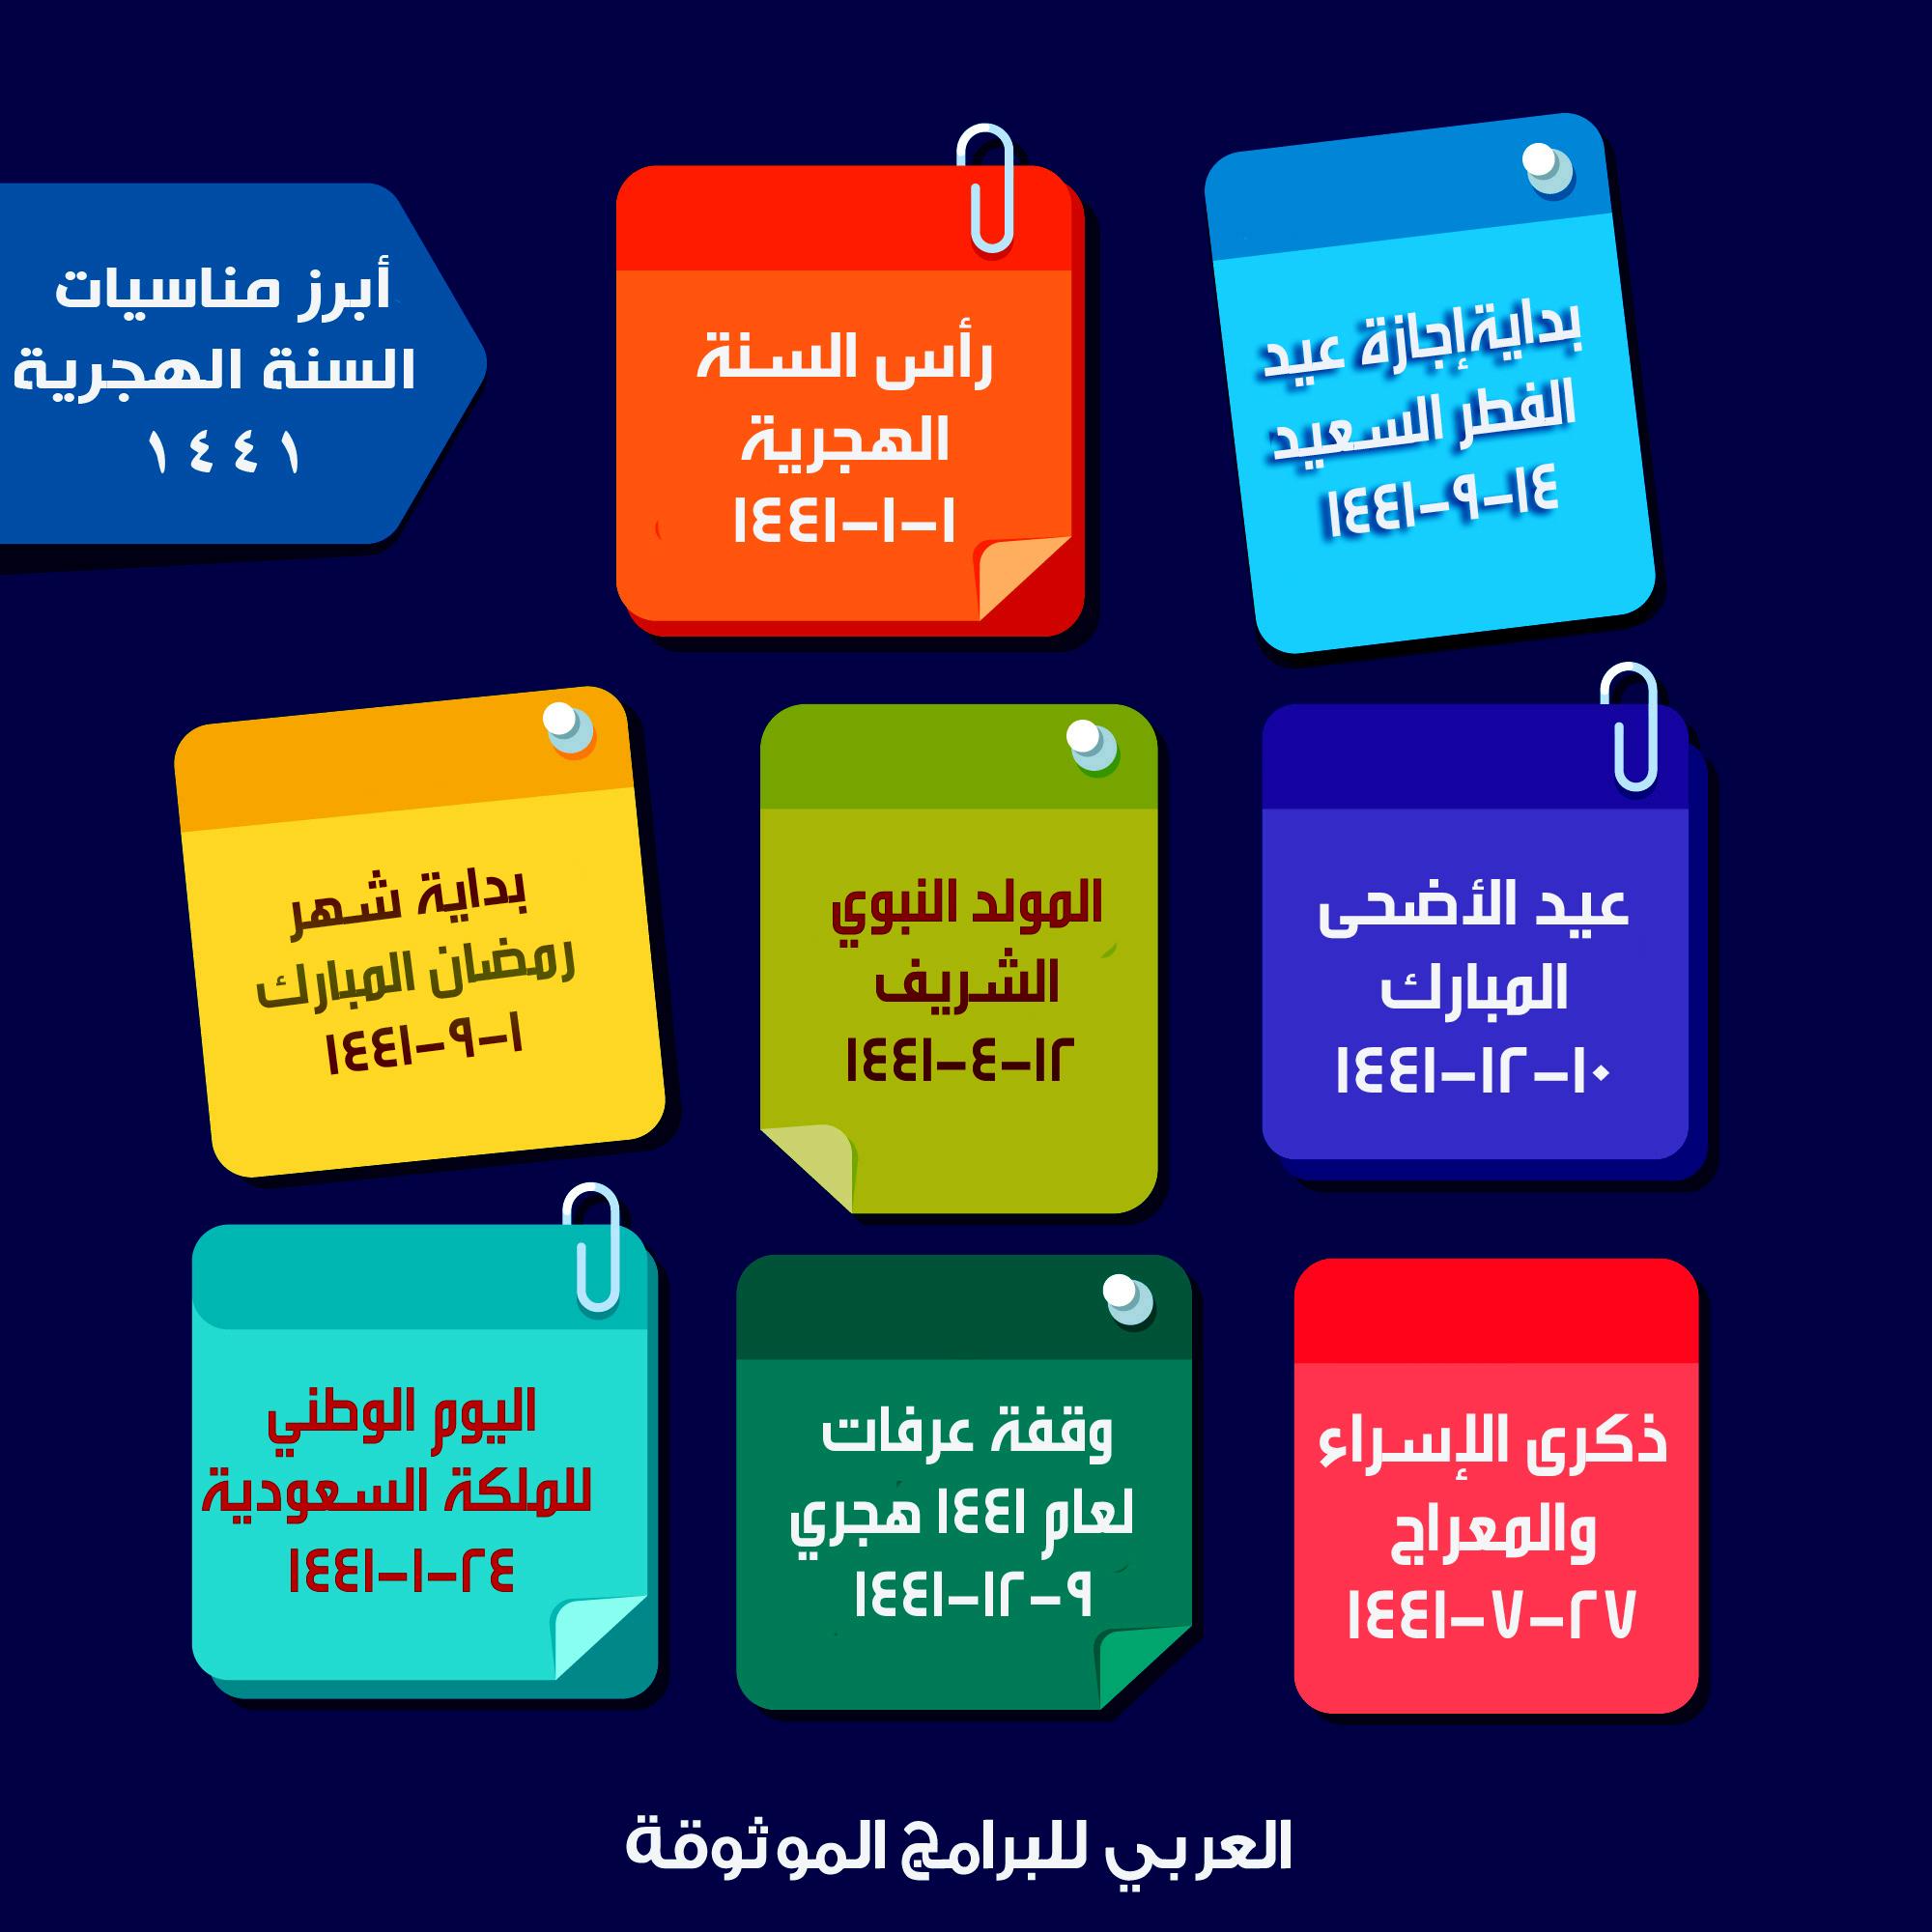 أبرز المناسبات الإسلامية في السعودية لعام 1441 هجري